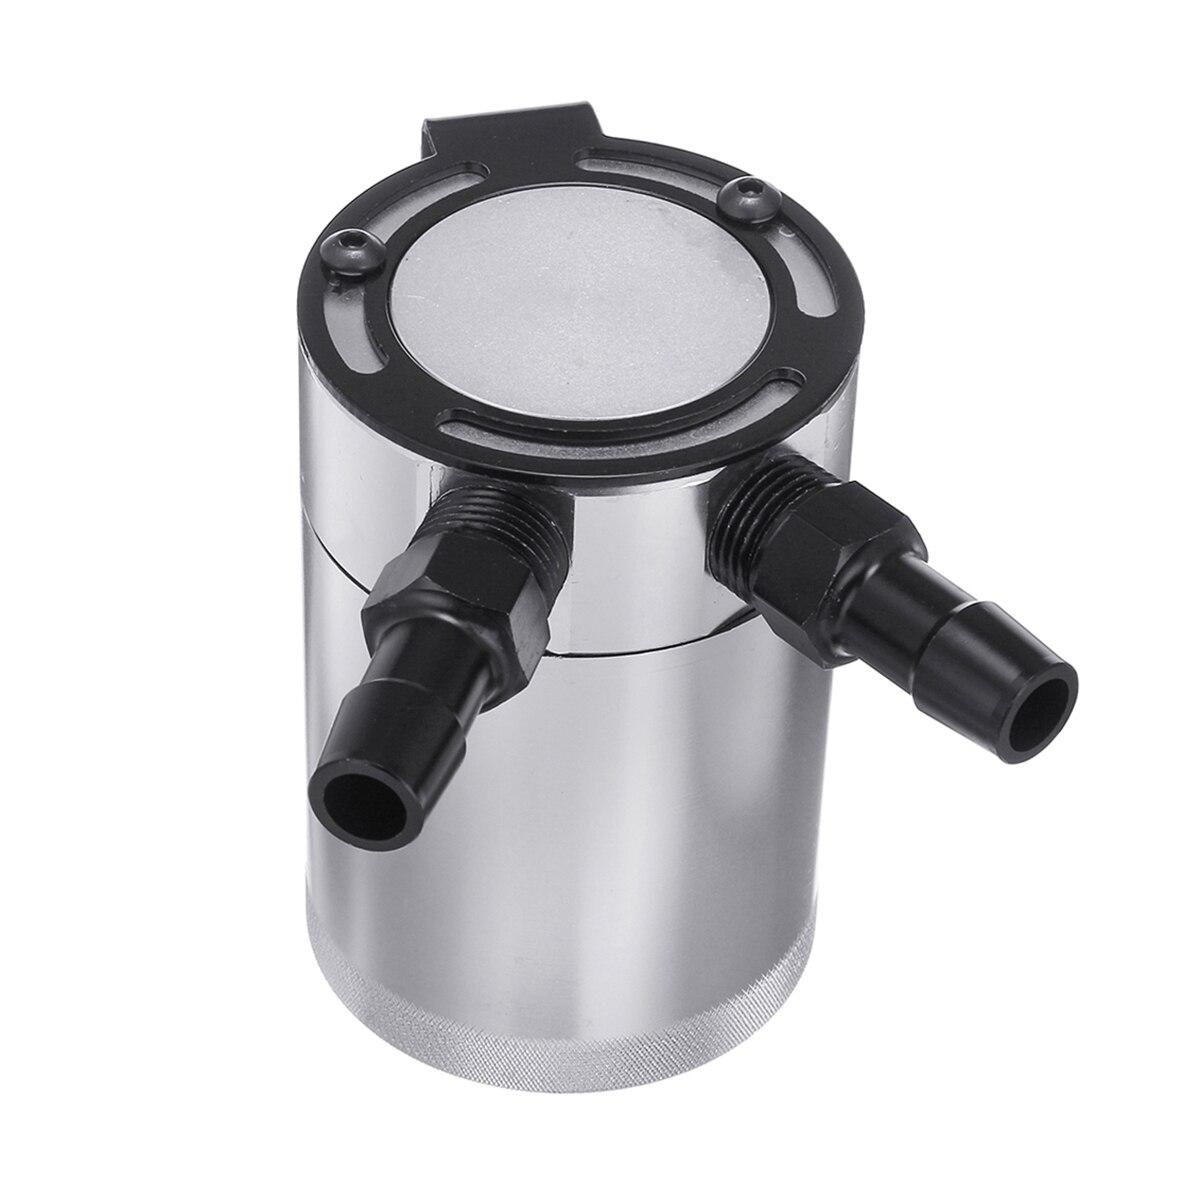 Vettura Compatta Sconcertato 2-Porta di Alluminio Cattura Oil Can Serbatoio Serbatoio di Cattura Olio Può Serbatoio Carburante Parti di Due fori traspirante Bollitore